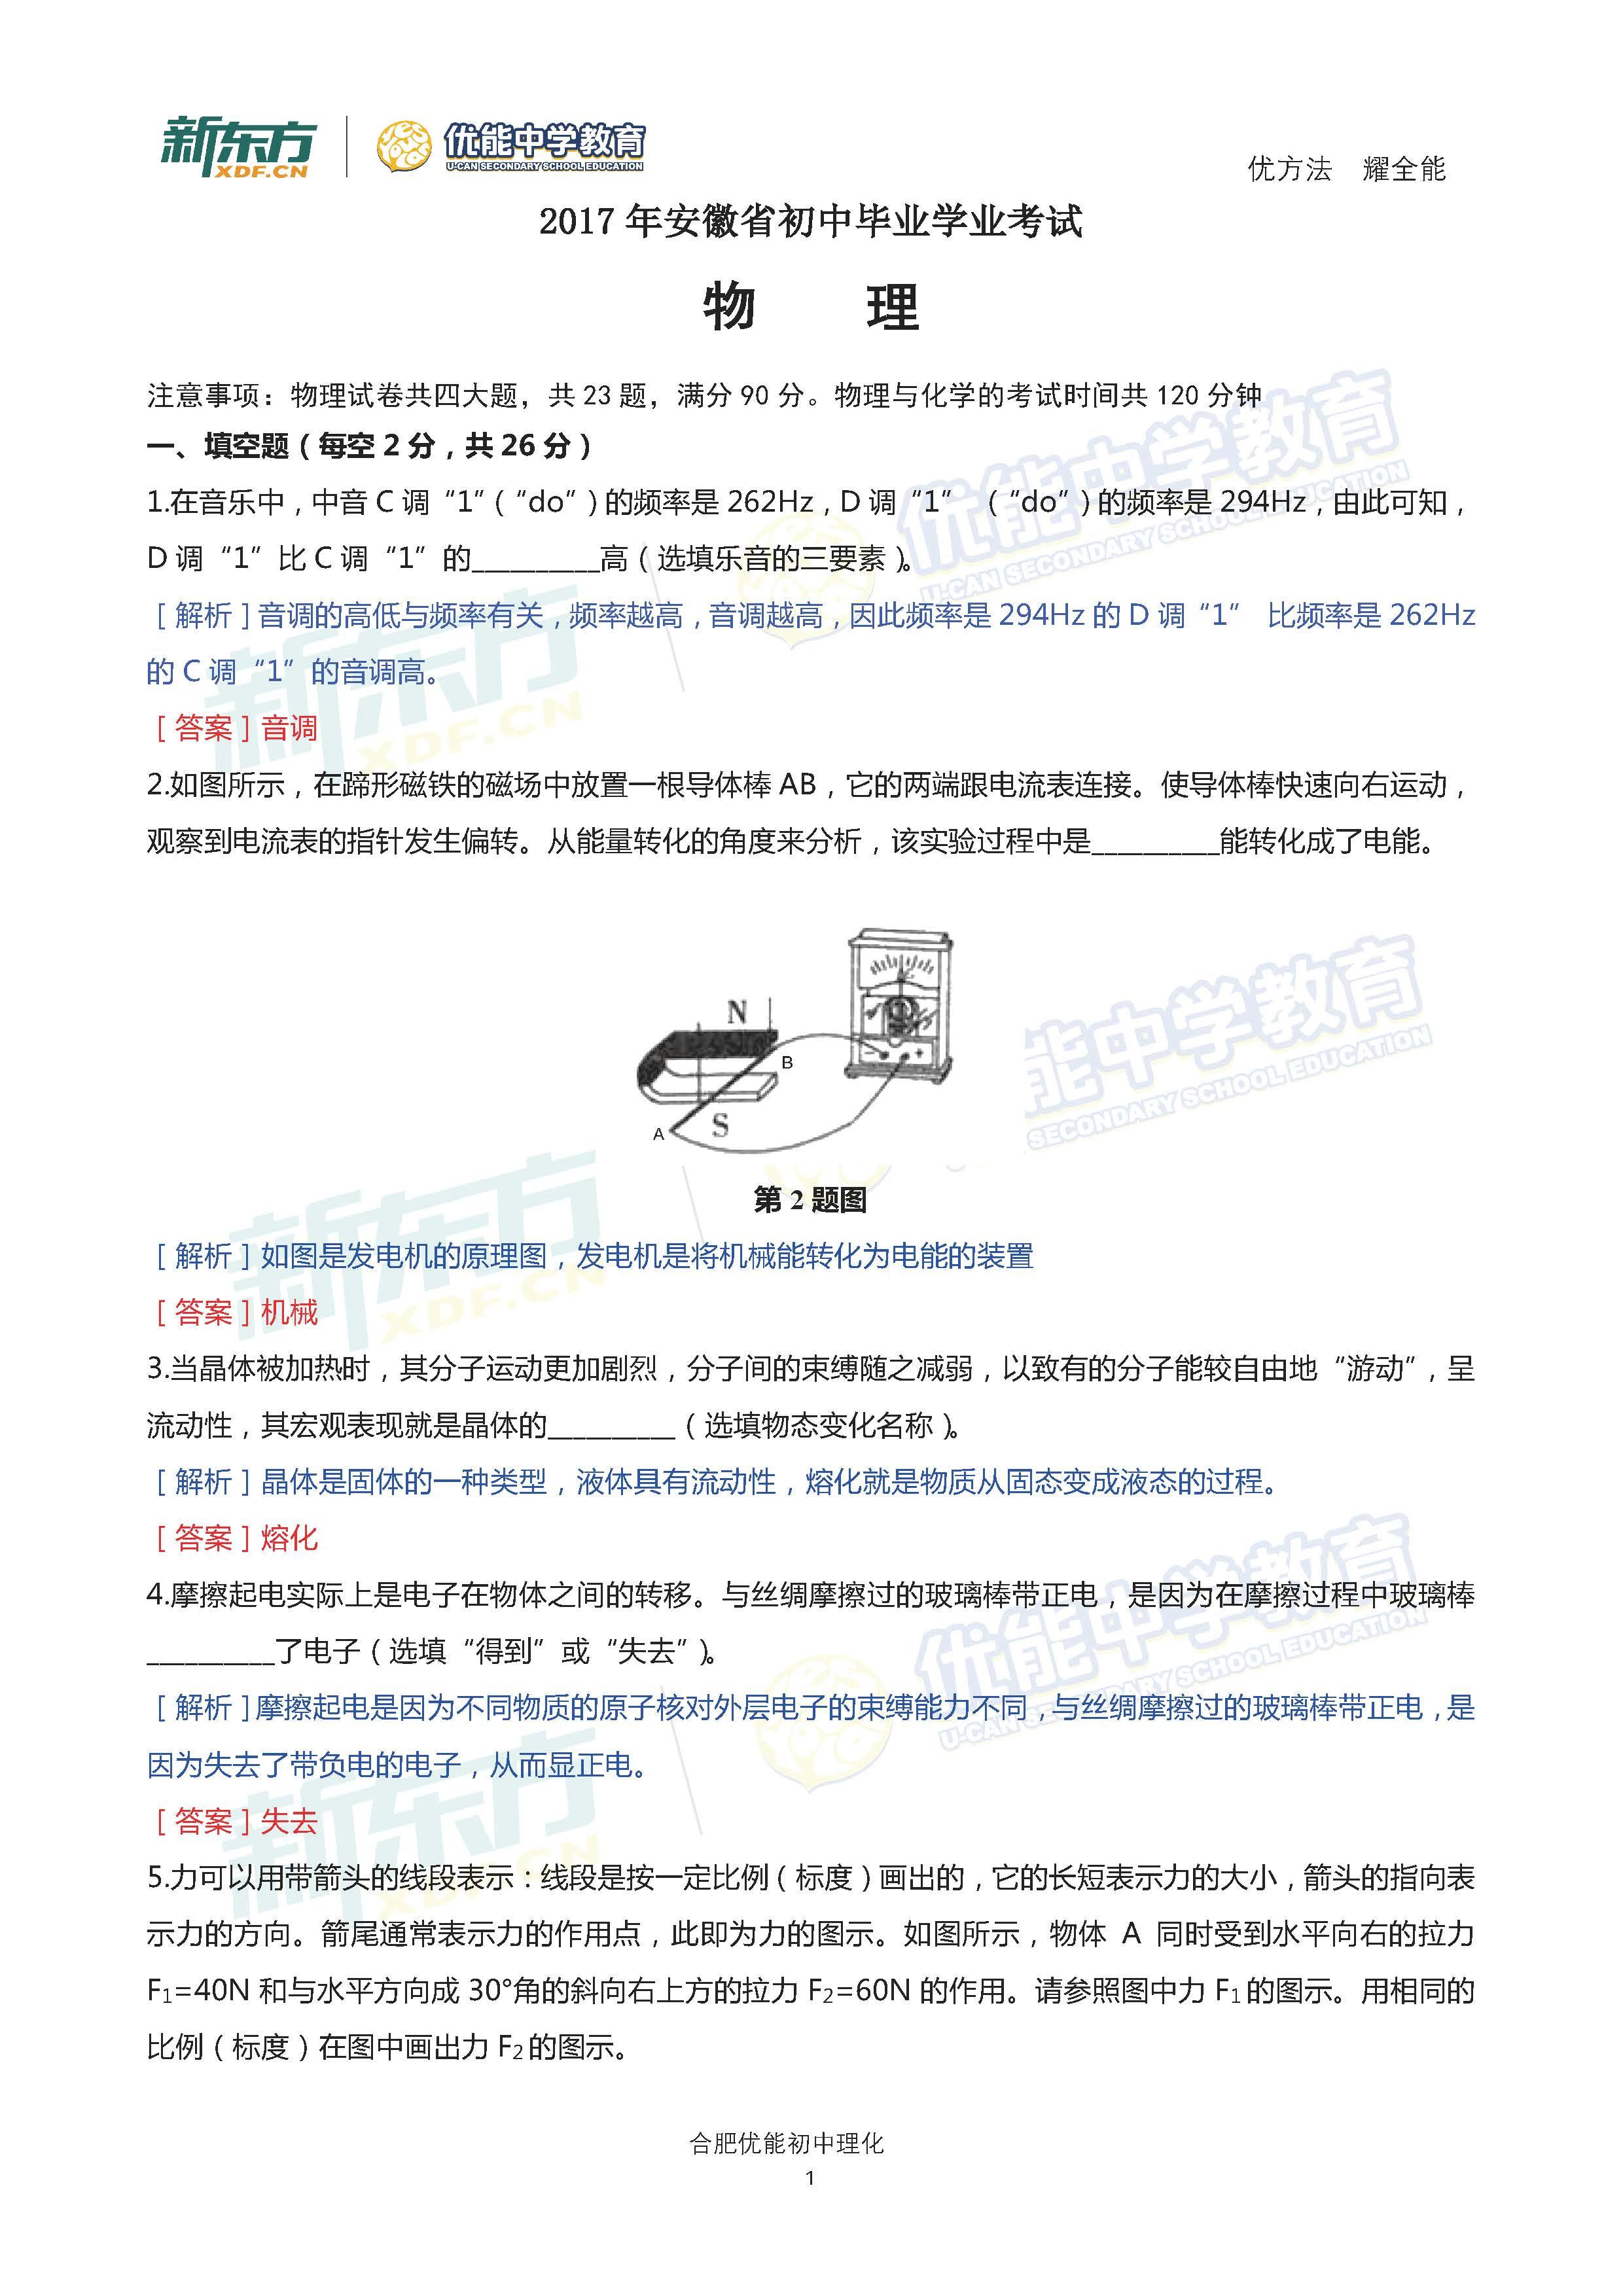 新东方名师逐题解析2017安徽中考物理答案(合肥新东方学校)